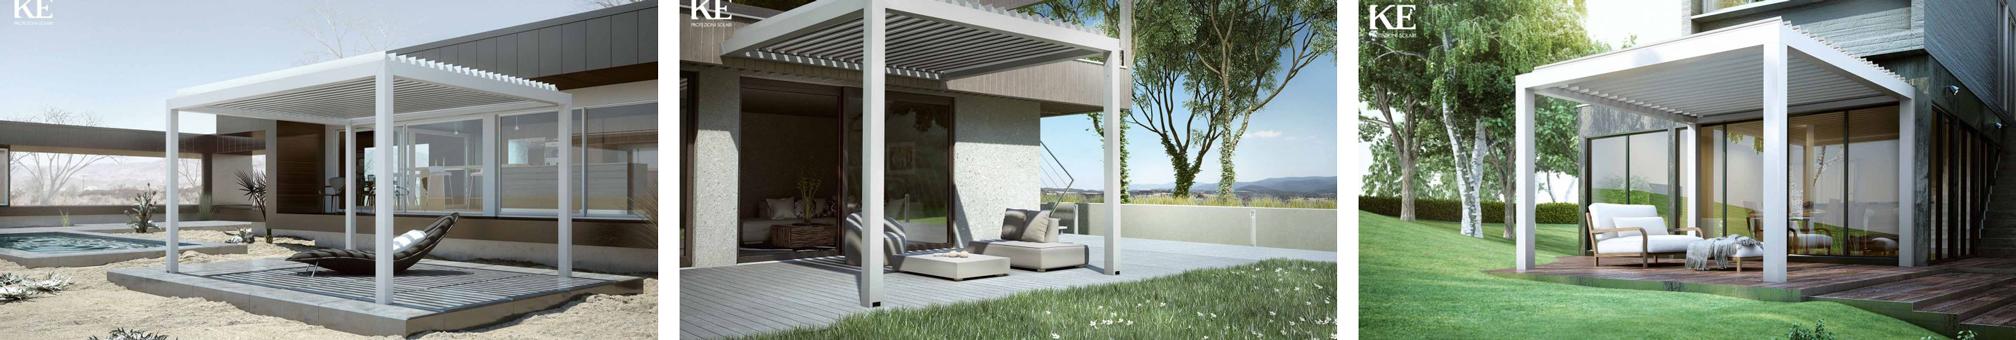 Bartoli collezioni tessili tutto per vestire la tua casa - Gazebi in alluminio per esterni ...